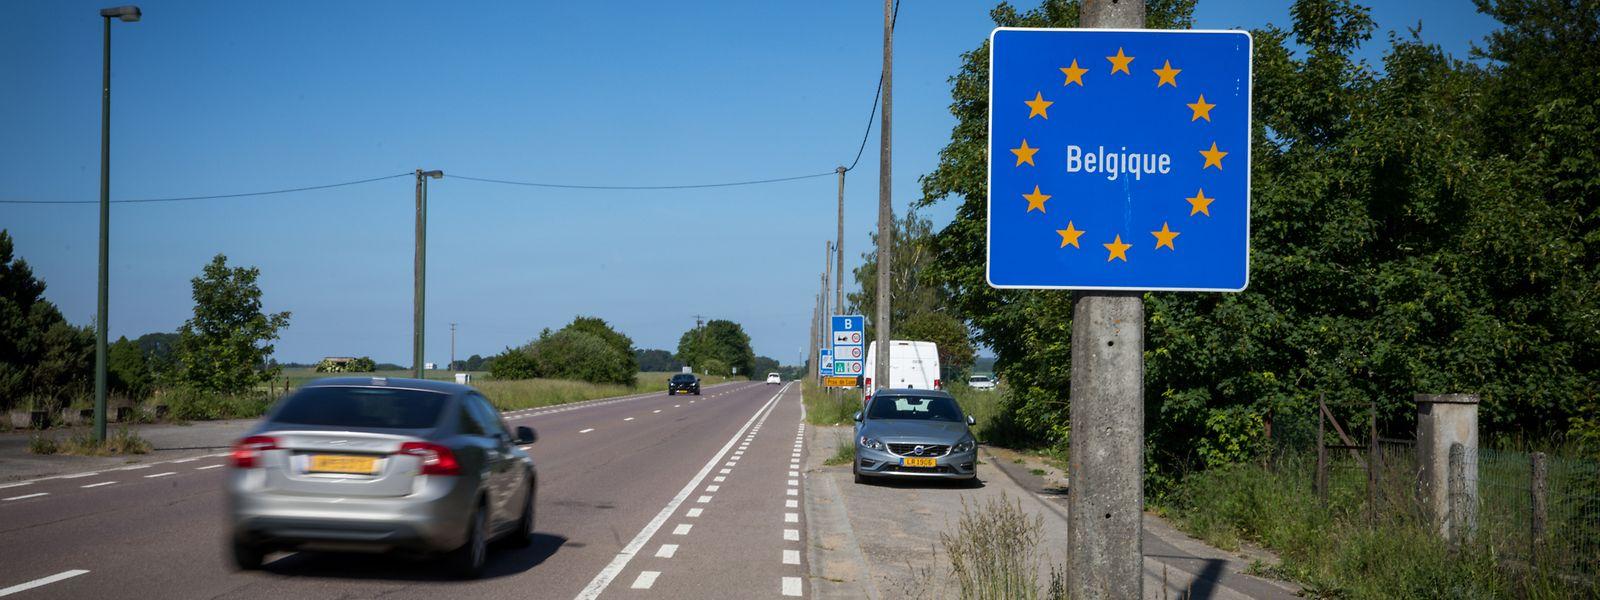 A l'heure actuelle, le passage de la frontière belge n'est toujours pas officiellement autorisé sans motif valable pour les résidents luxembourgeois